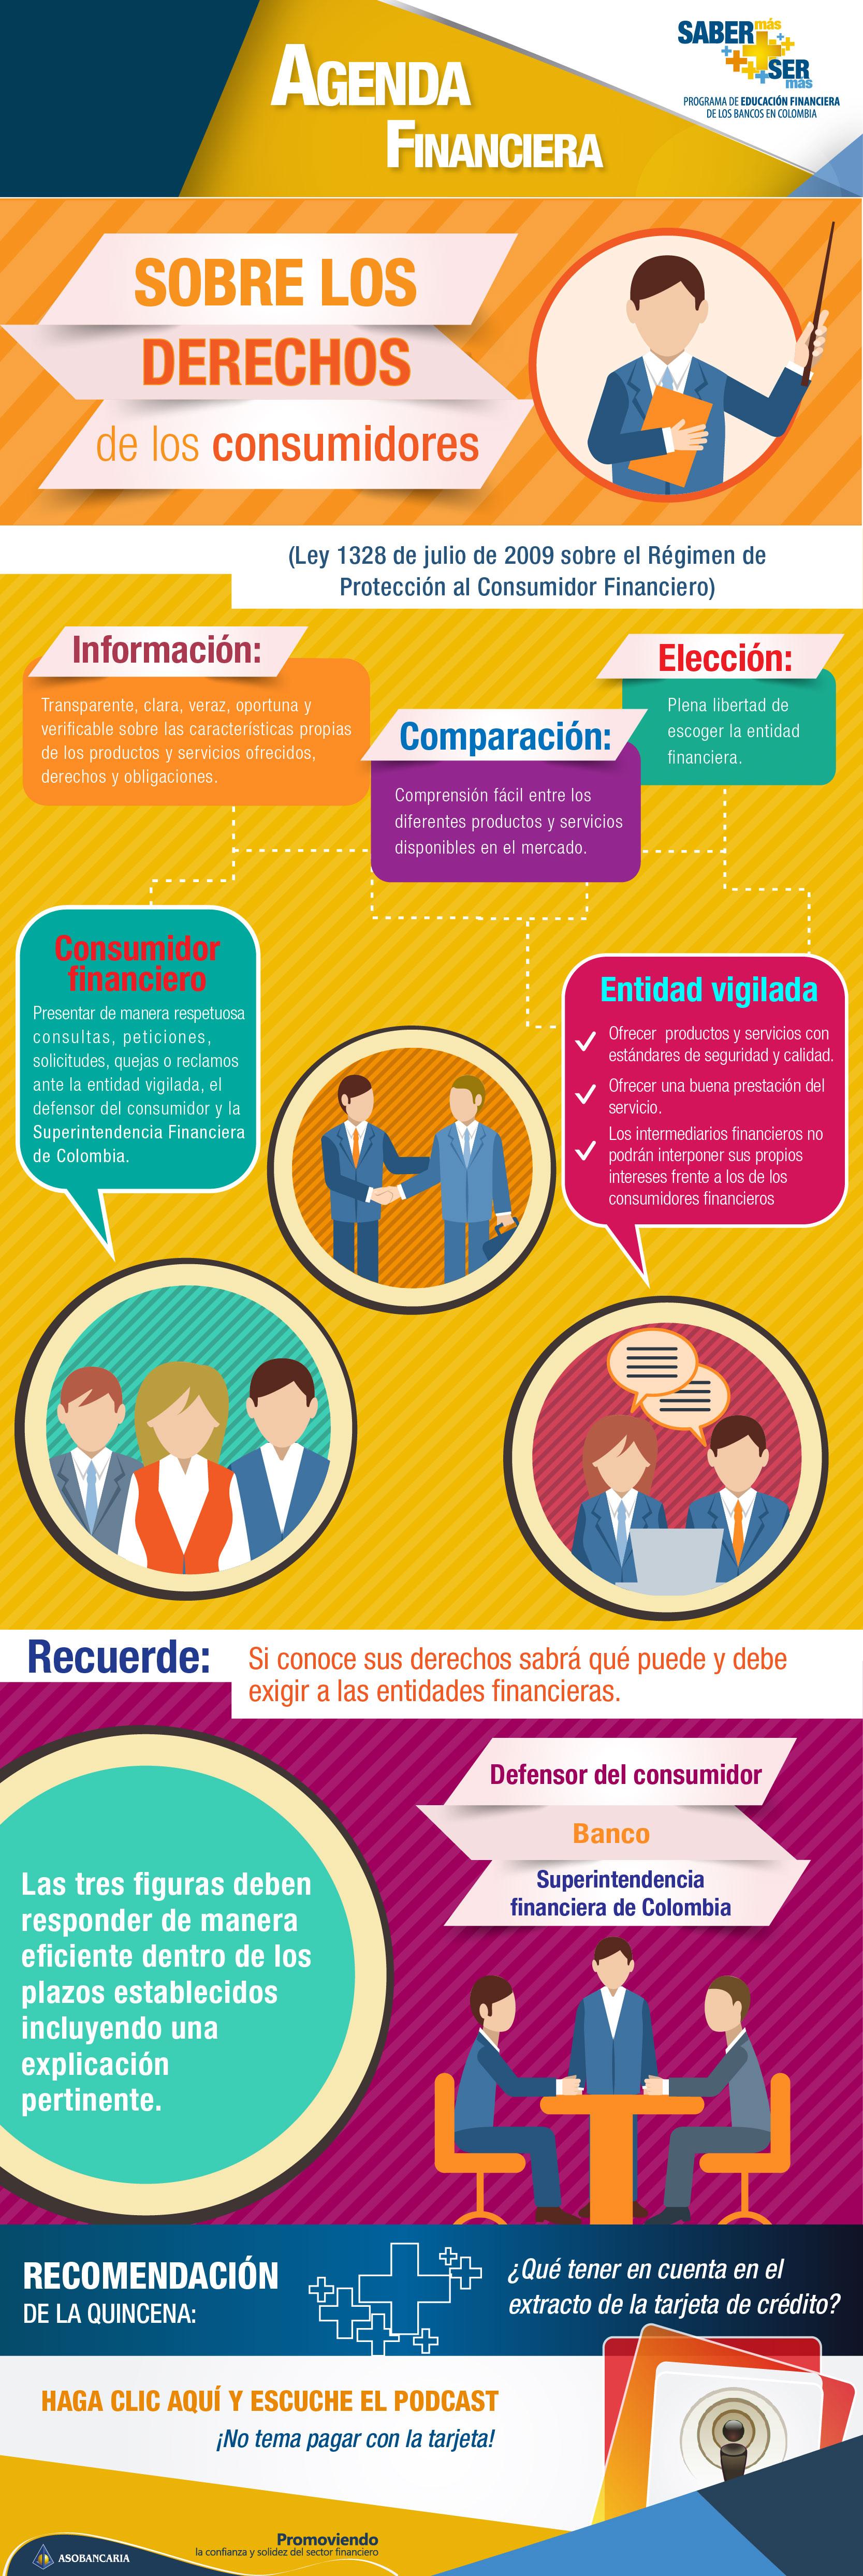 Boletin 81- Sobre los derechos de los consumidores